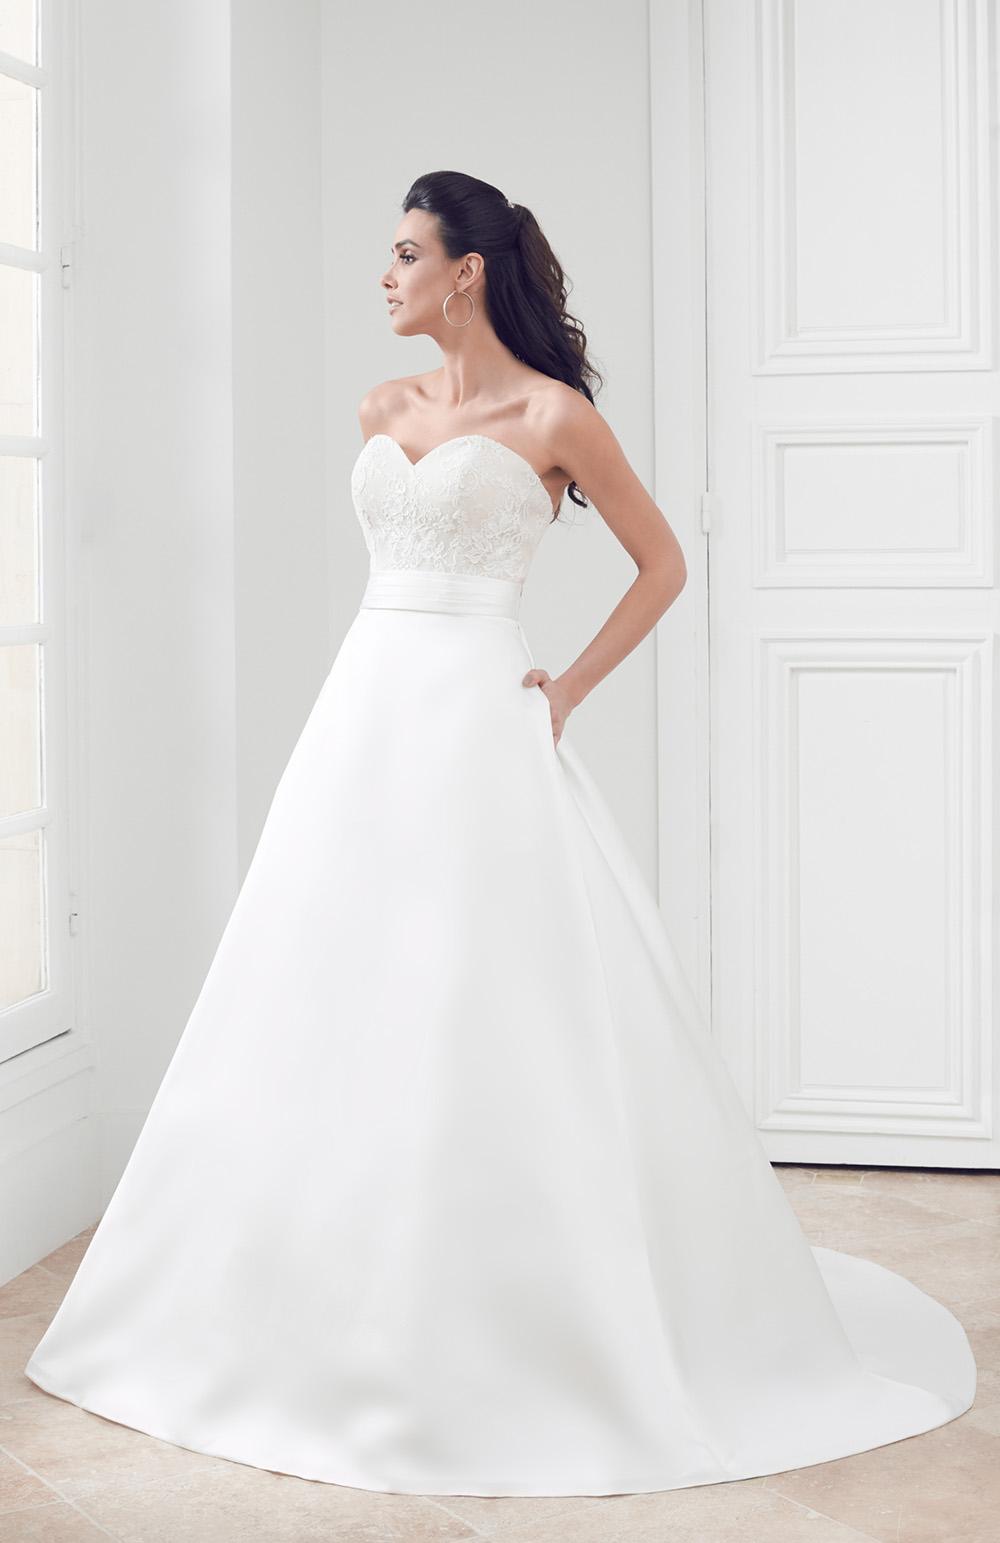 Robe de mariée Modèle Opale